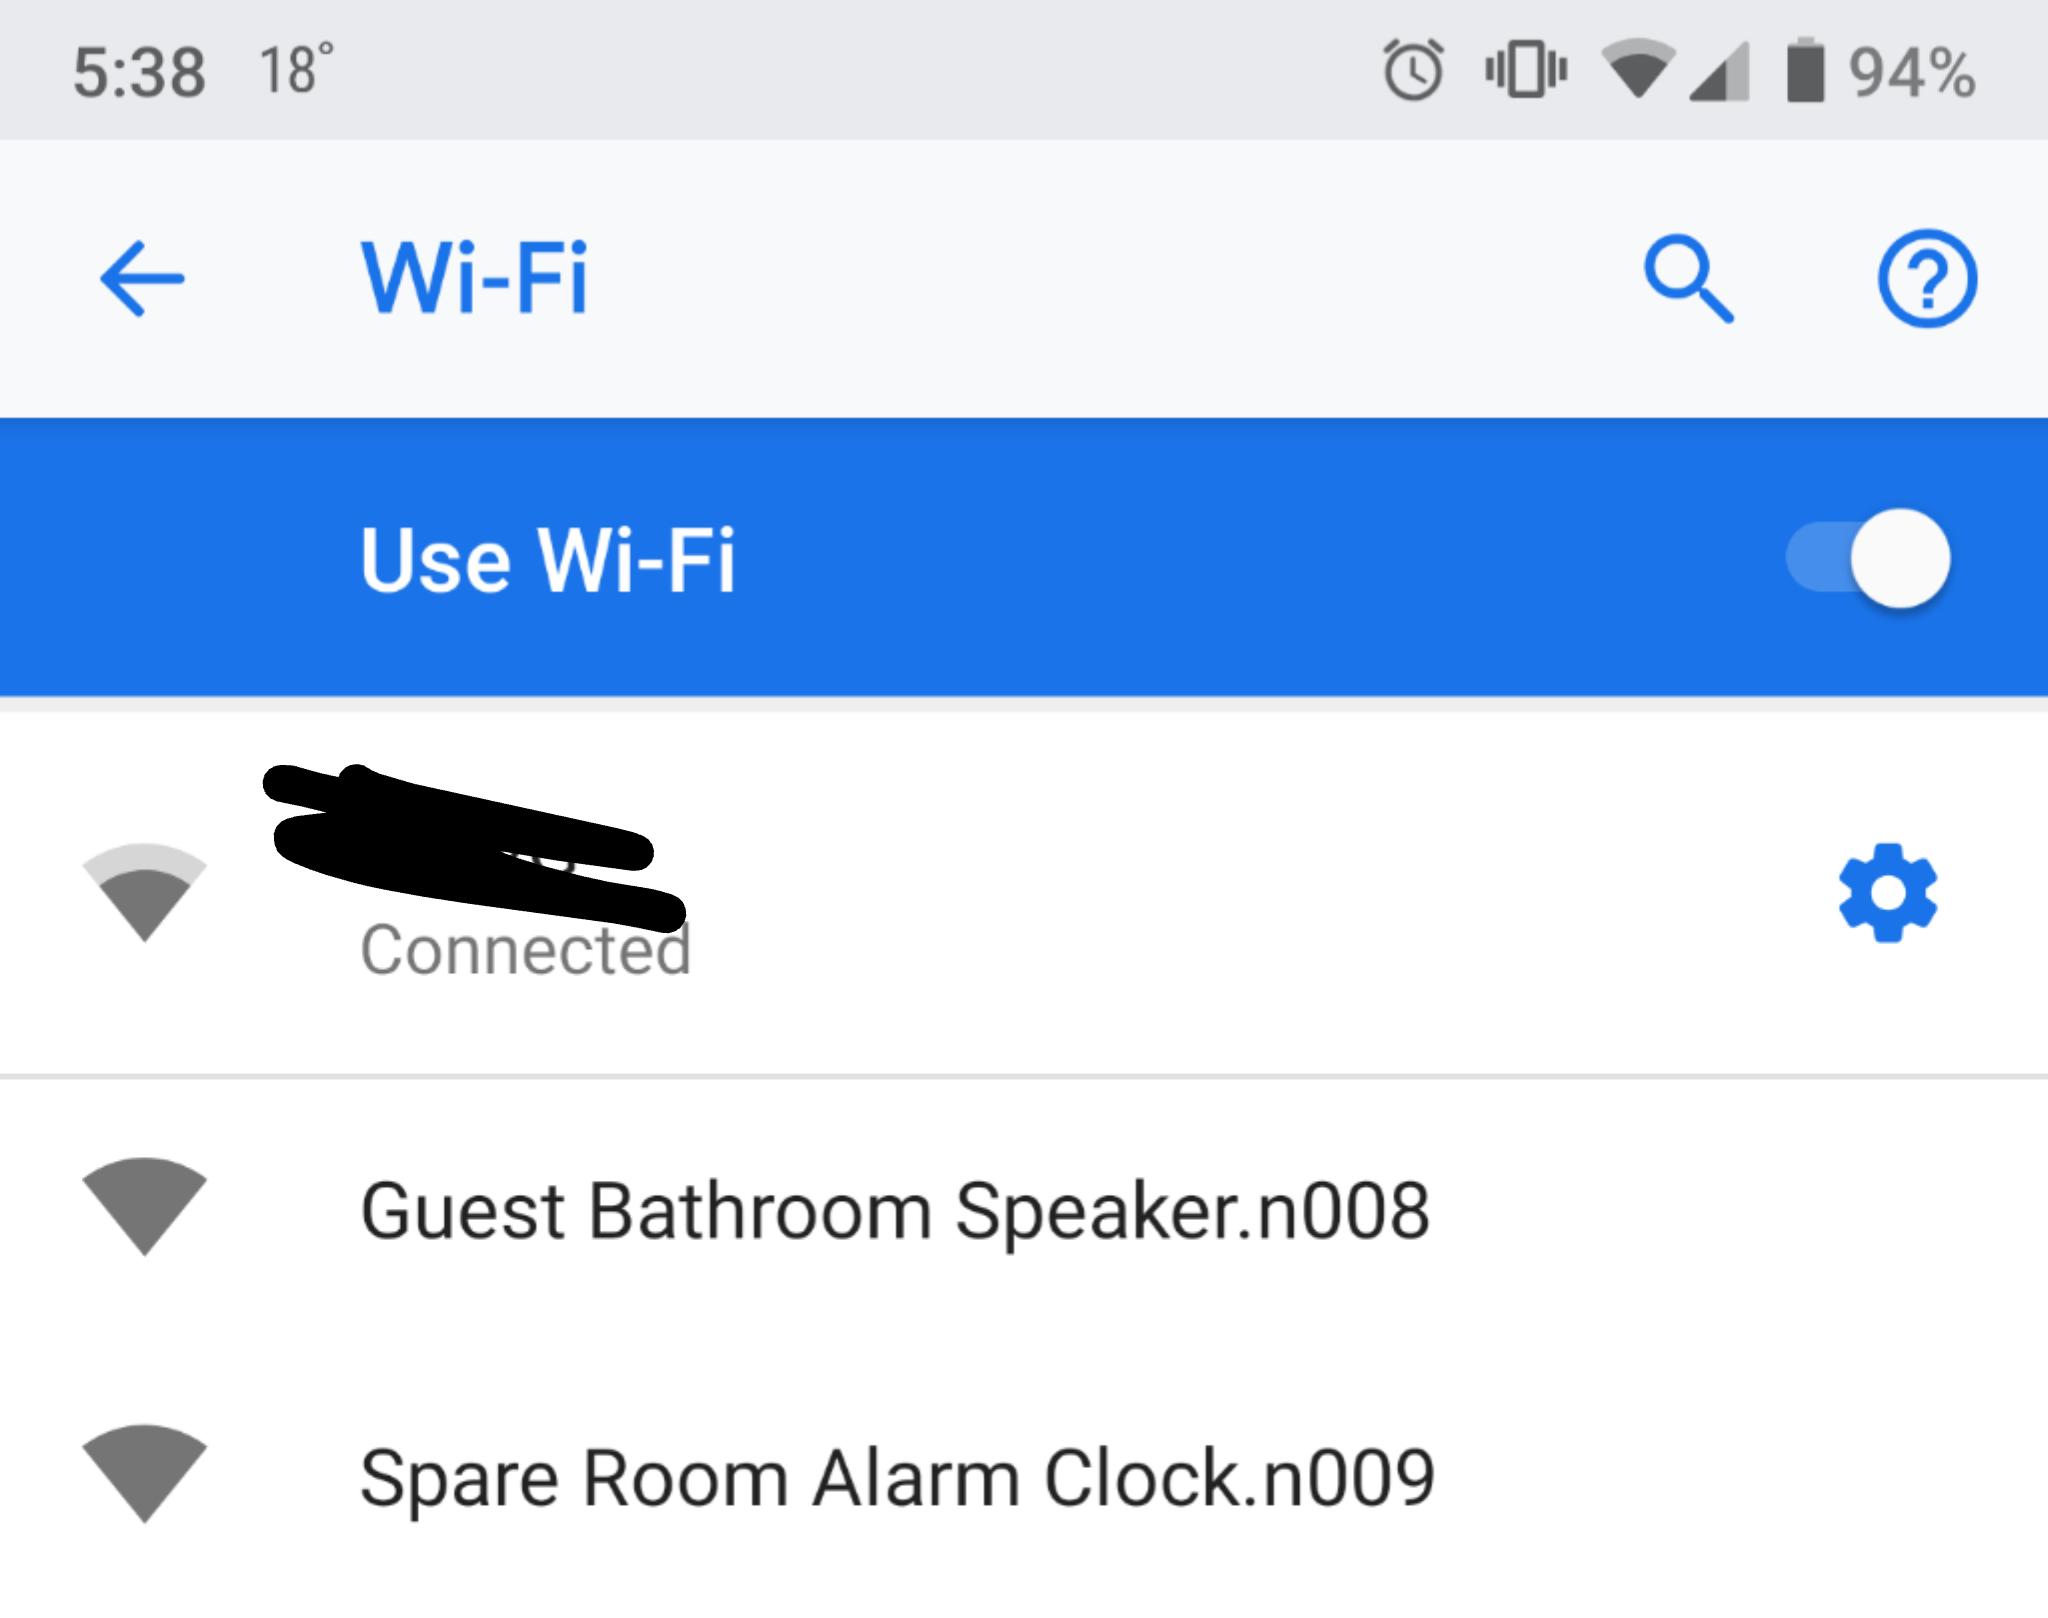 DAILY - Connectivity Dropouts WIFI LAN ipv4 - Google Wifi Help